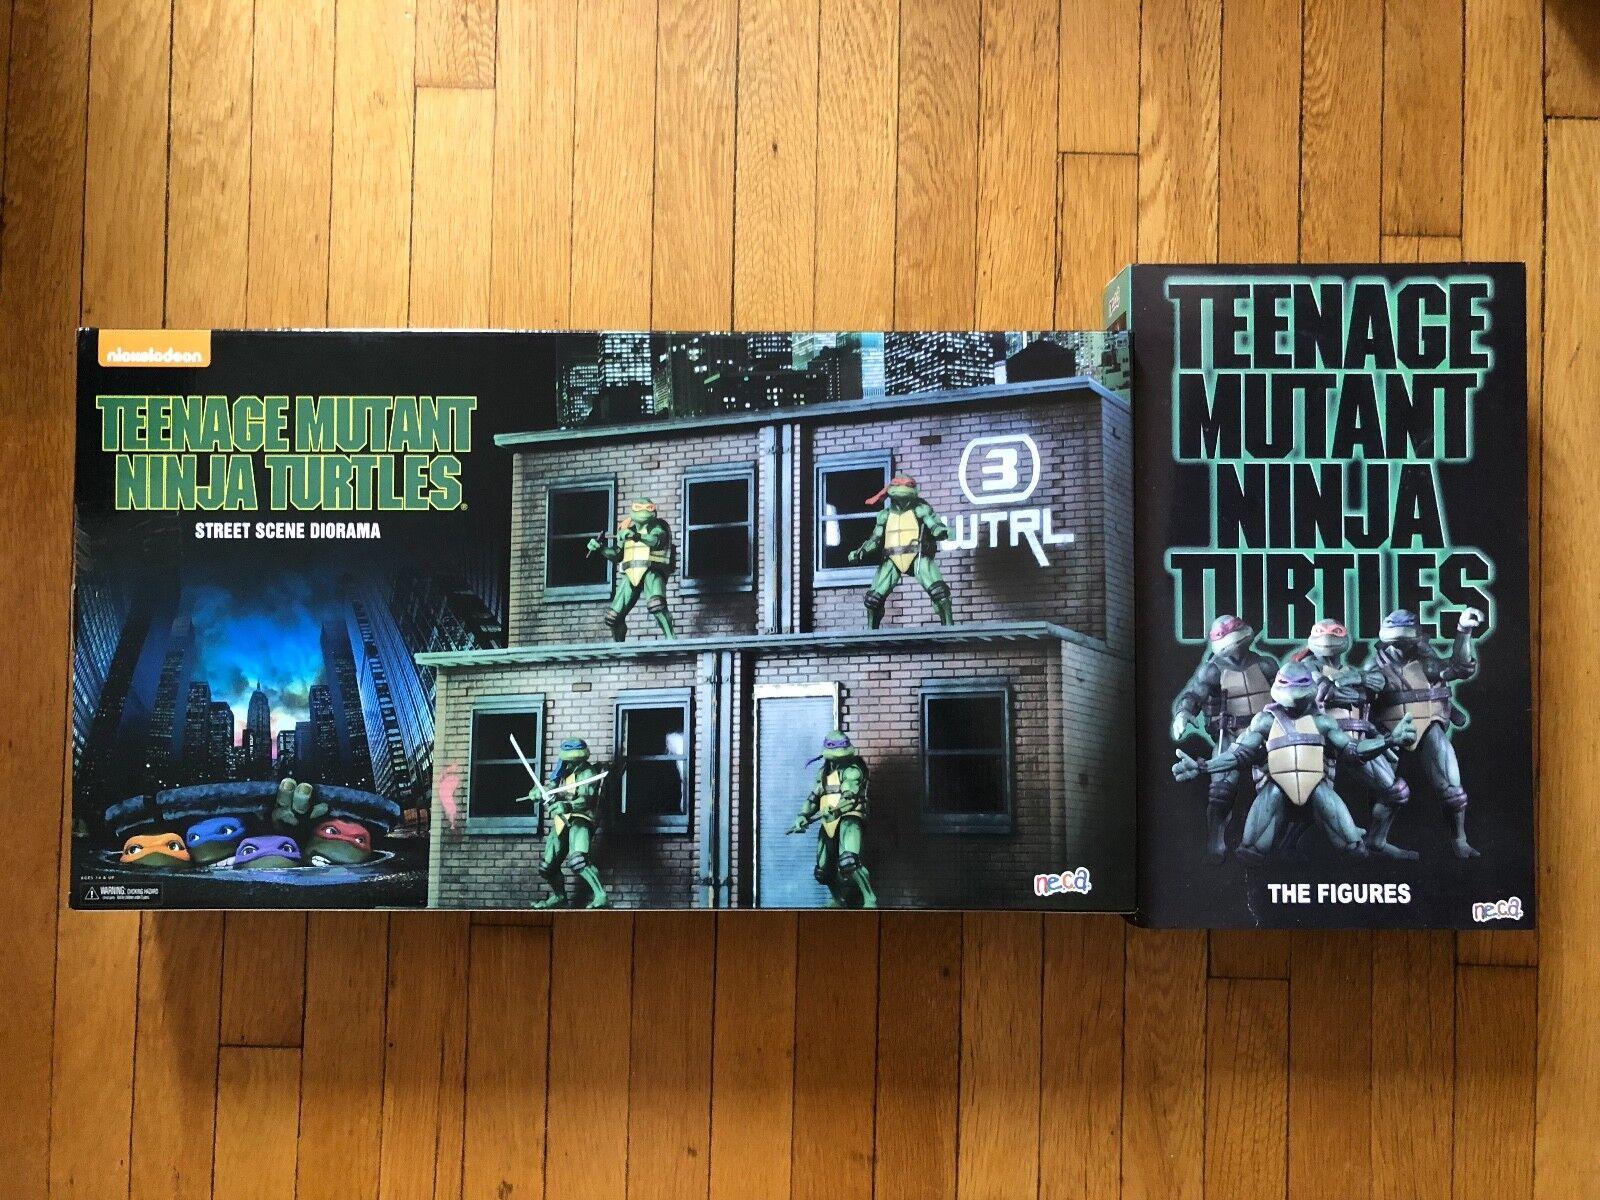 NECA SDCC 2018 Teenage Mutant Ninja Ninja Ninja Turtles TMNT Exclusive Figure Set & Diorama 2d43d4